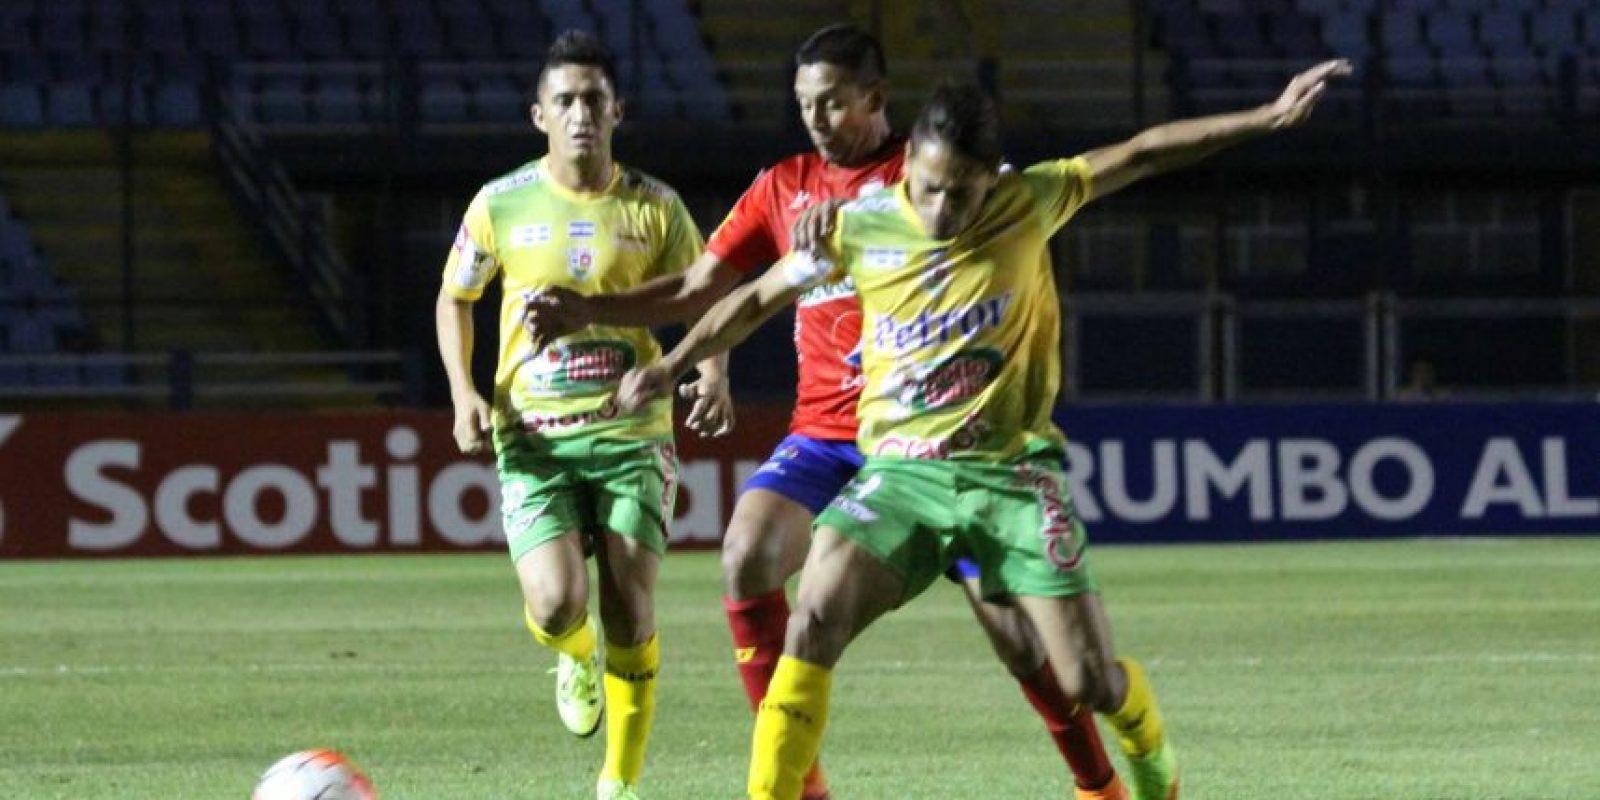 Los rojos ganaron gracias a un gol en la parte final del encuentro que se jugó en el estadio Mateo Flores. Foto:Publinews